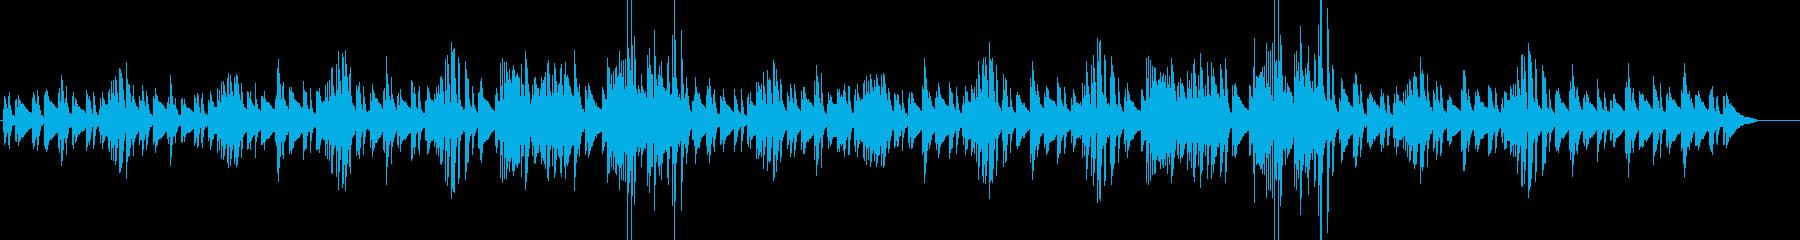 森・散歩・少し不思議なほのぼのピアノソロの再生済みの波形